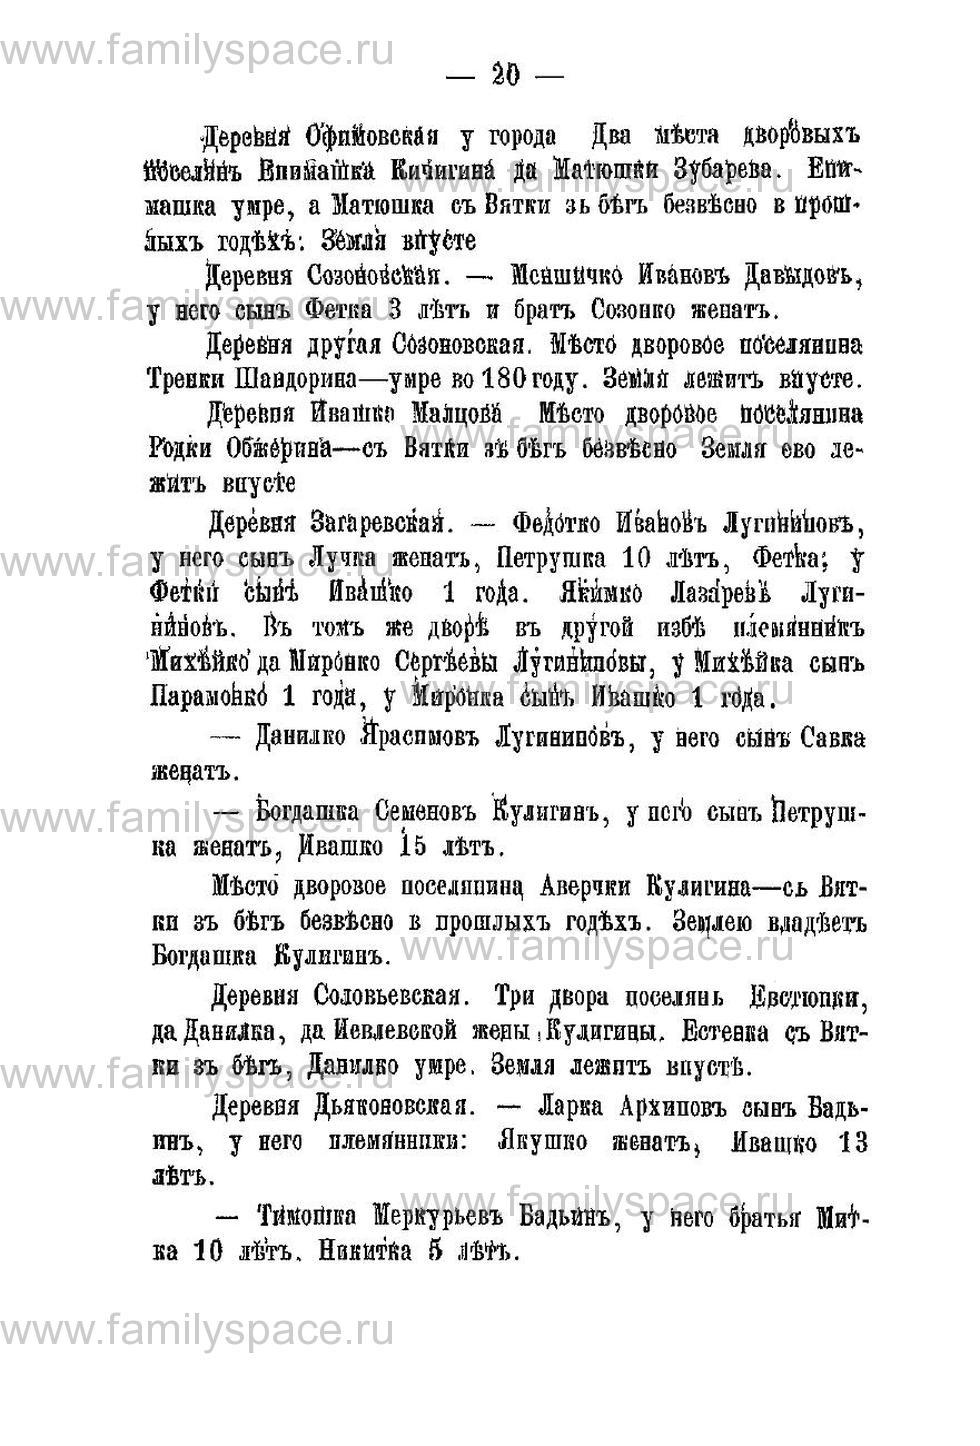 Поиск по фамилии - Переписная книга Орлова и волостей 1678 г, страница 16